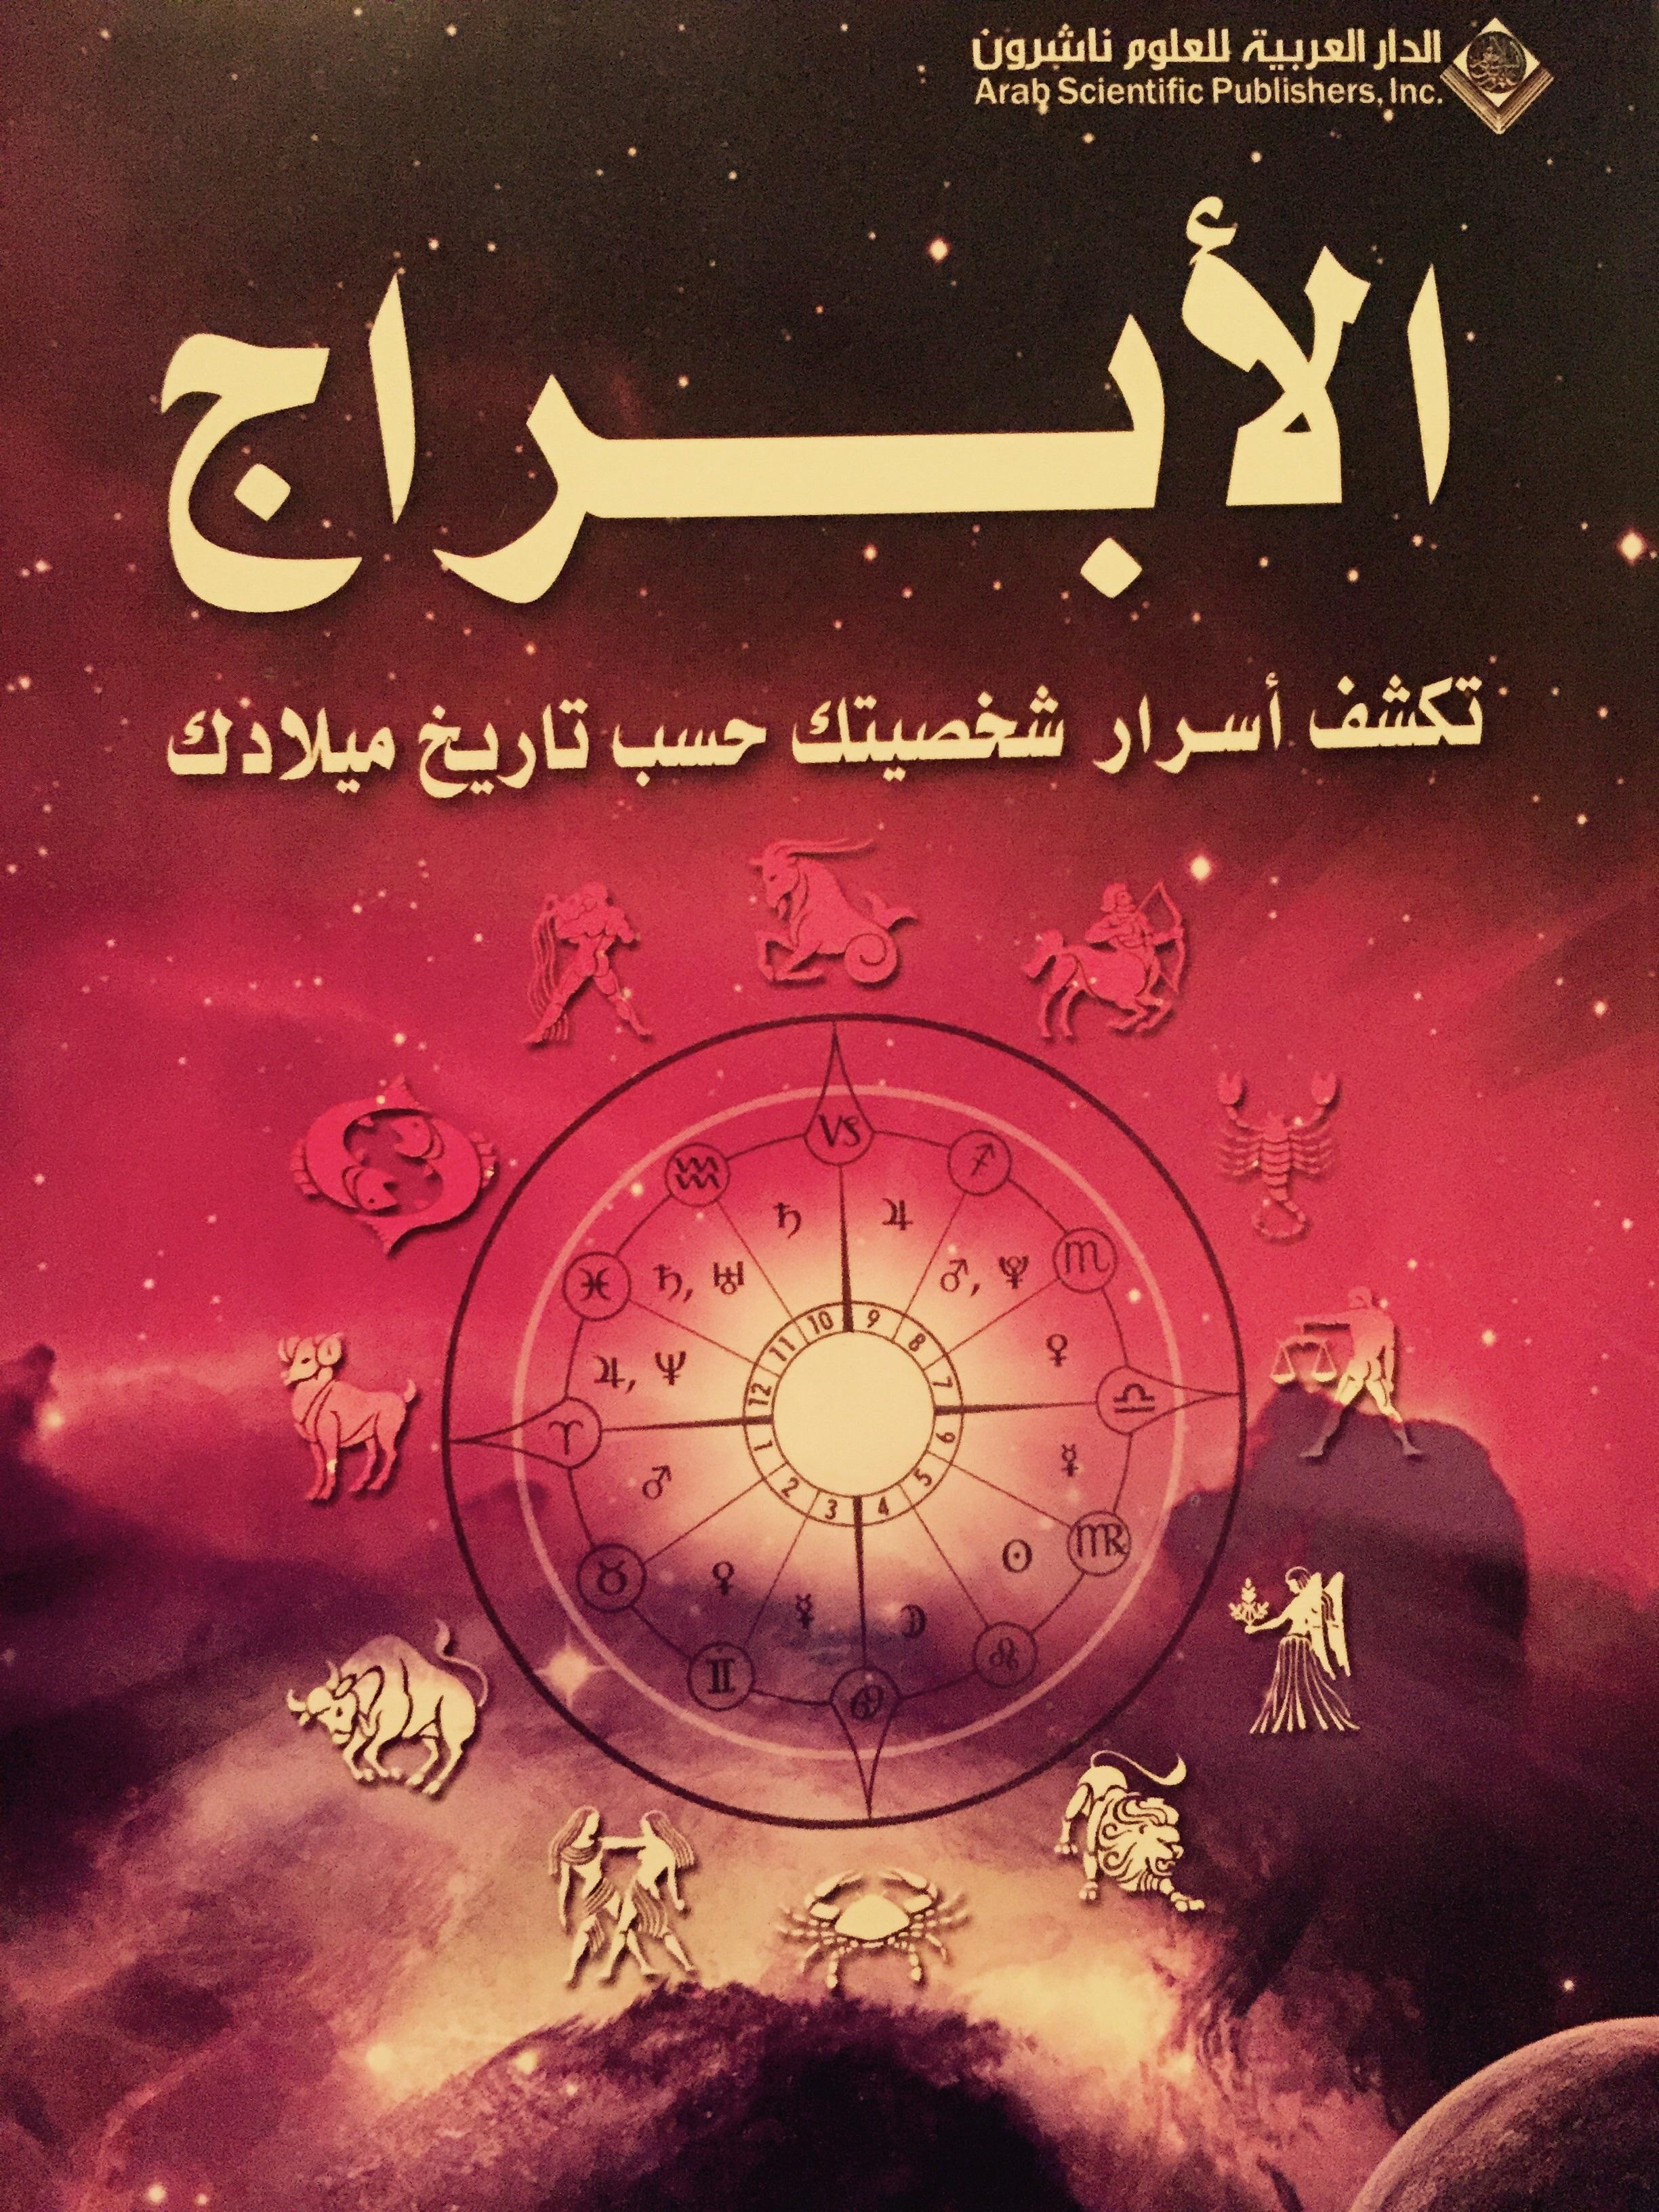 الأبراج  by  بام كاروثير